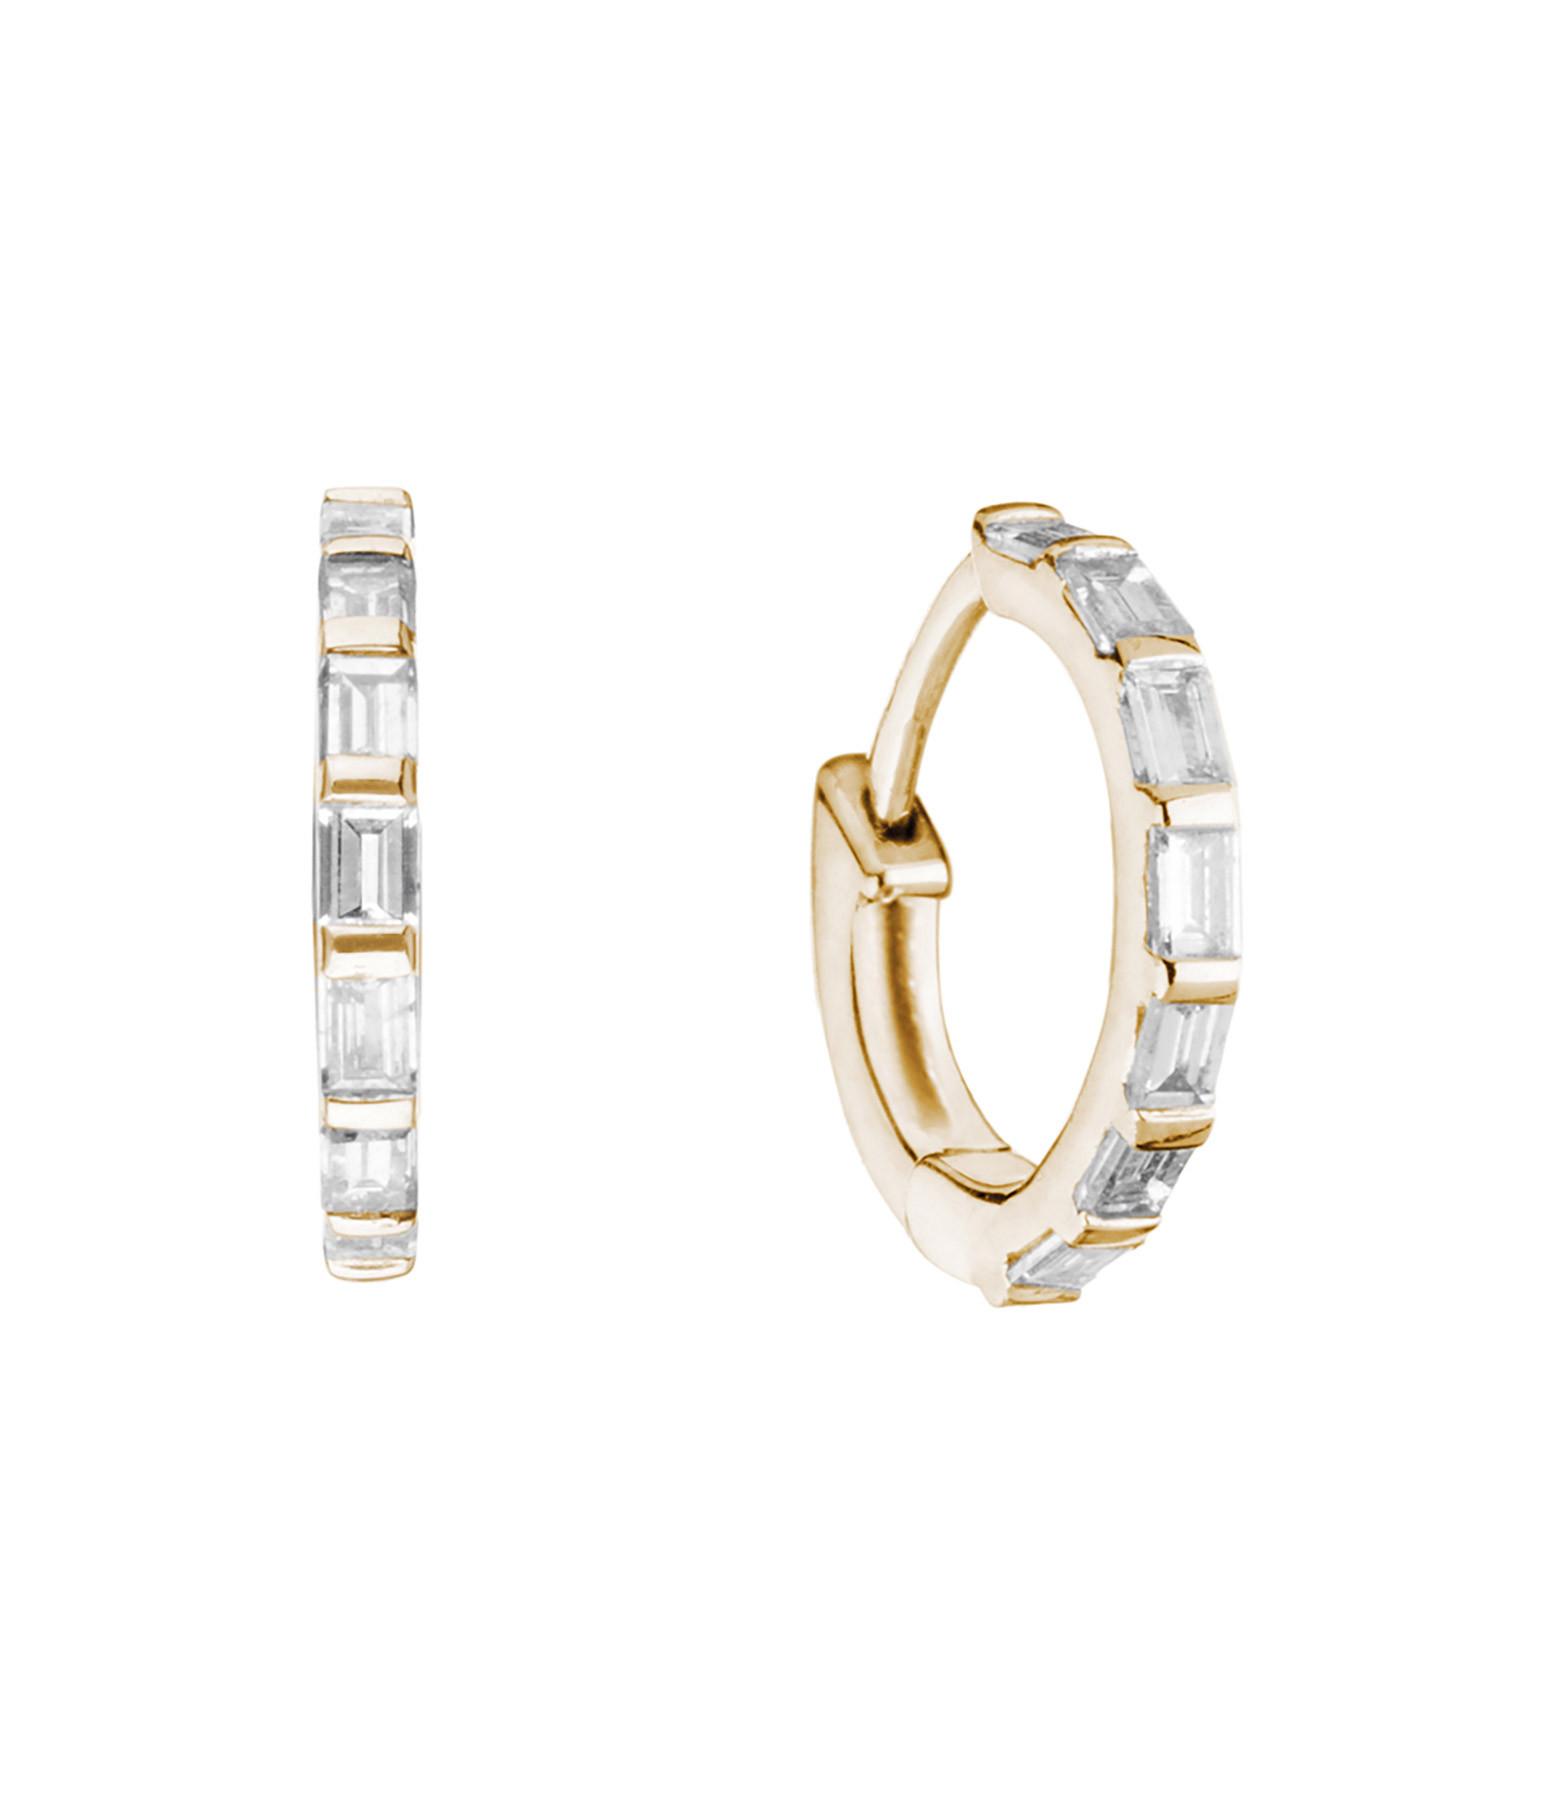 Mini Créole Baguette Or Diamants (vendue à l'unité) - STONE